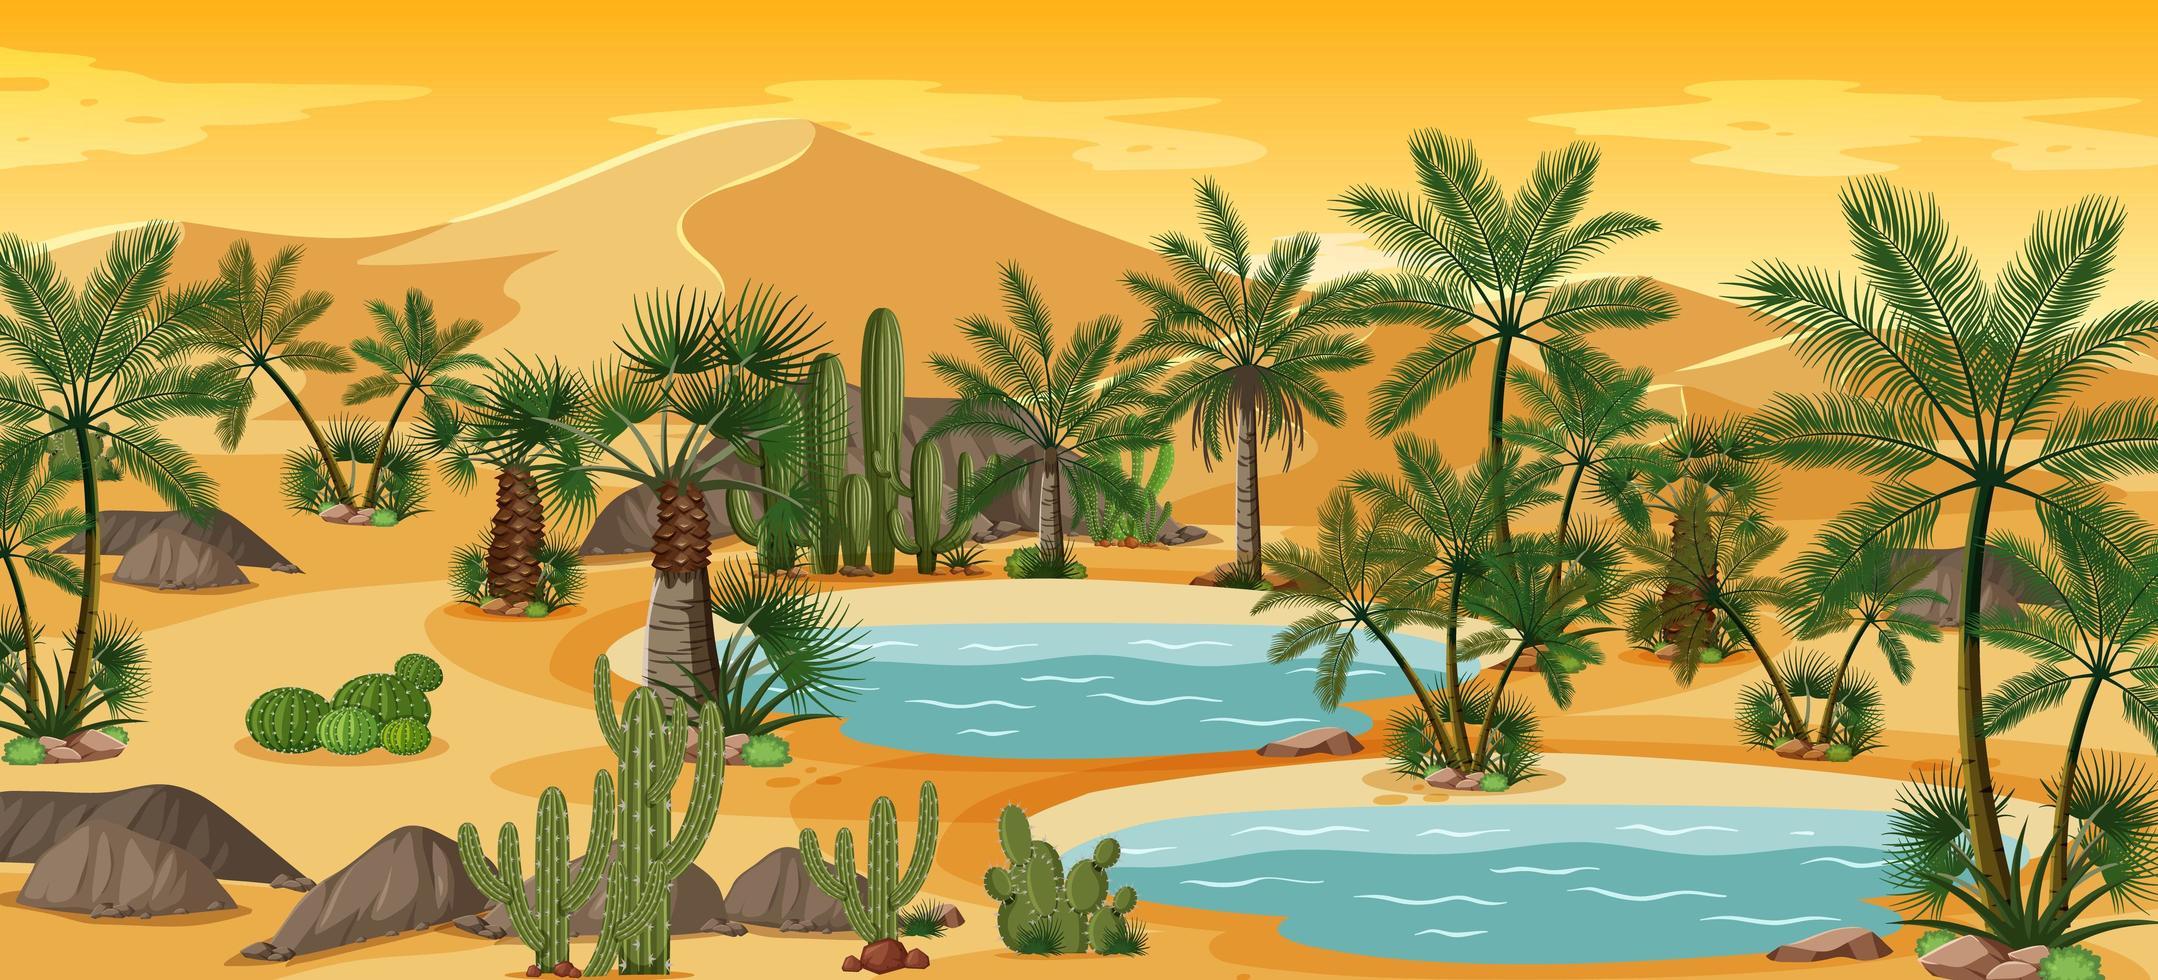 woestijnoase met palmen en catus natuurlandschapsscène vector